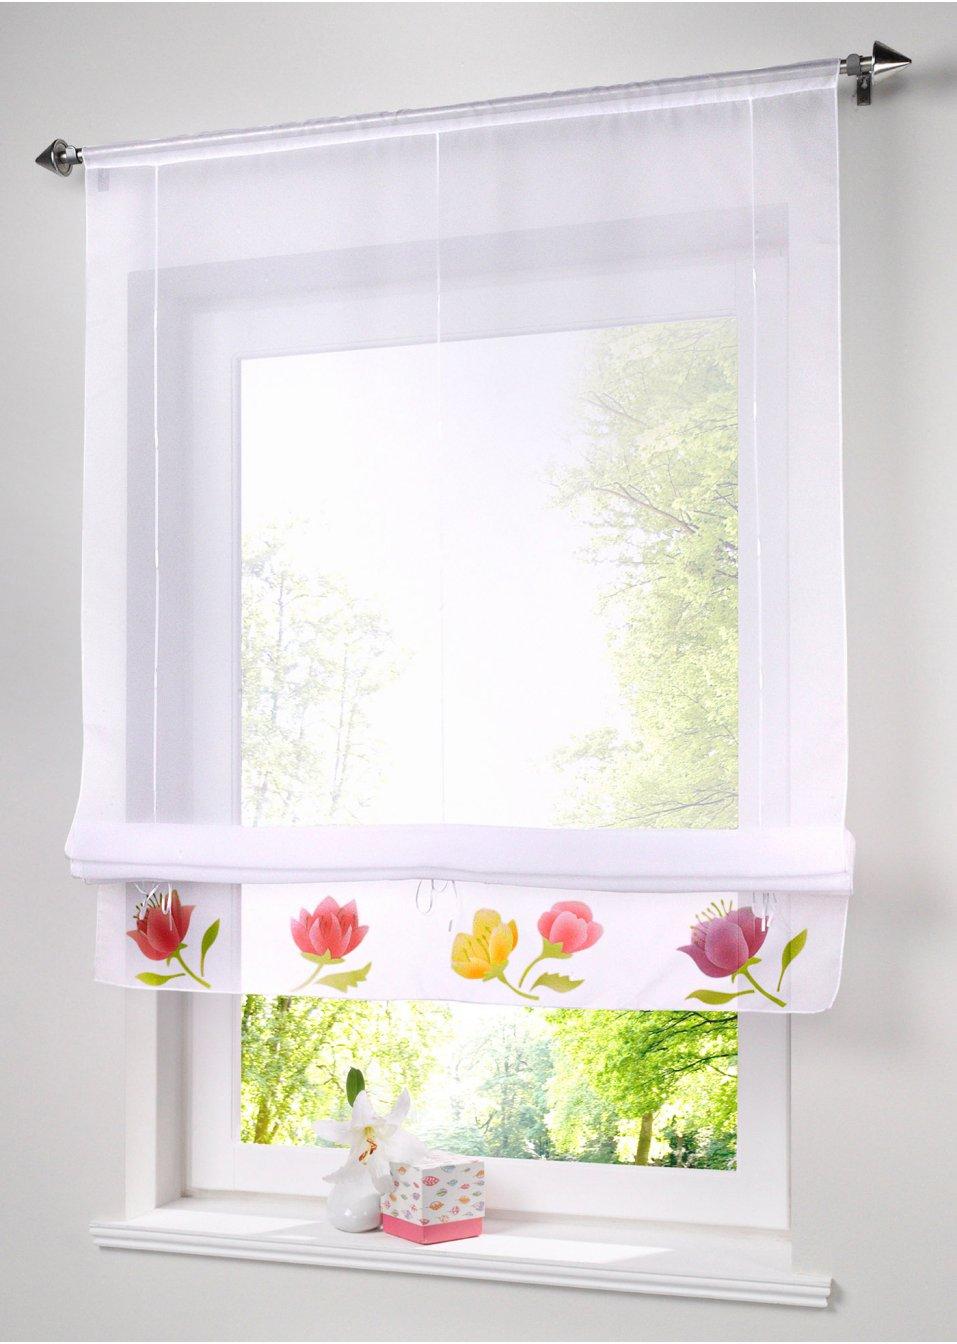 tirai roman buatan tangan dapat mengangkat tirai jendela, voile dapur / cafe / pintu / tirai jendela, tirai bunga hias